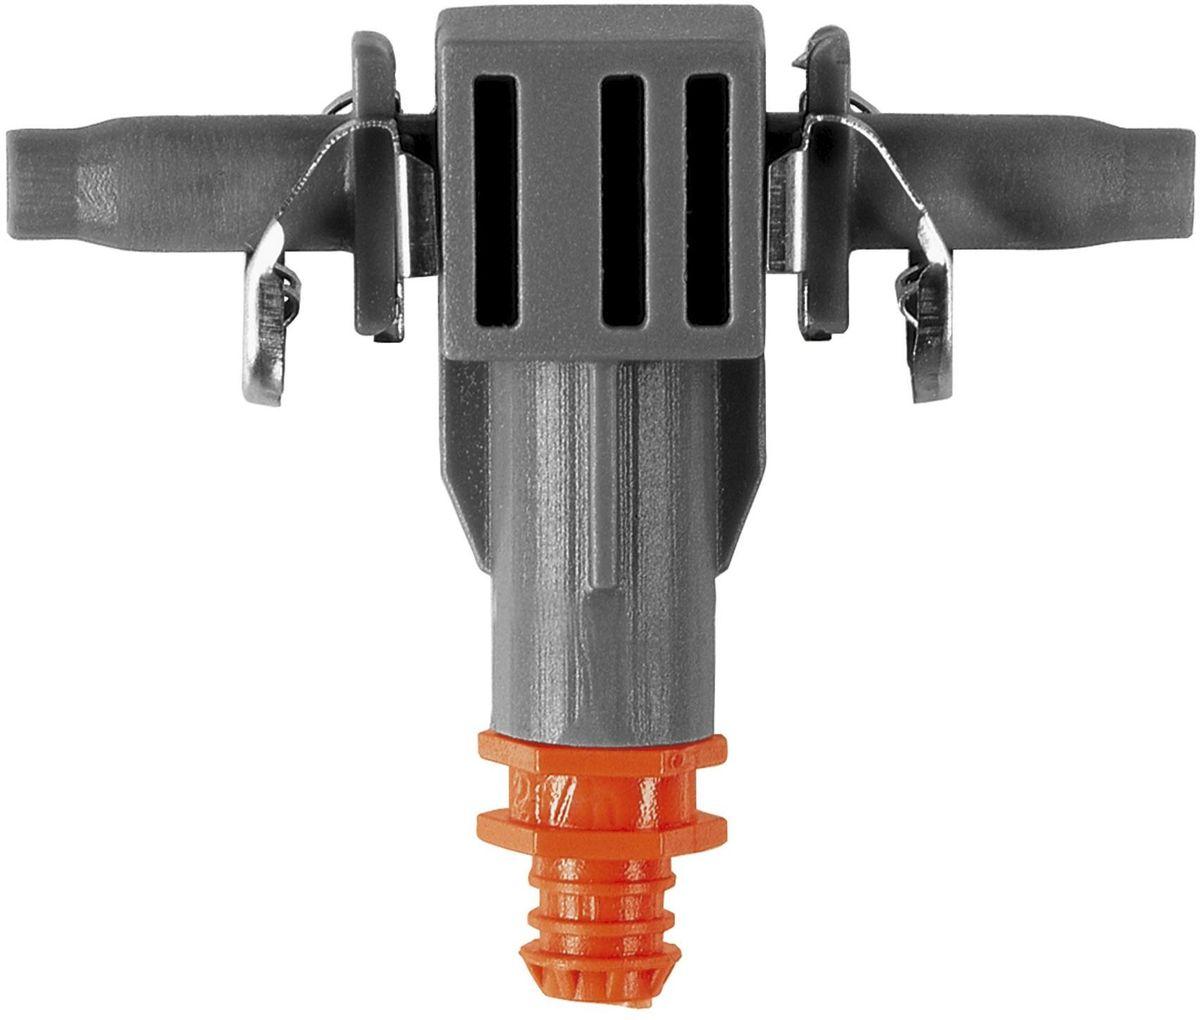 Капельница внутренняя Gardena, 2л/час, 10 шт. 08343-29.000.0008343-29.000.00Капельница внутренняя GARDENA является элементом системы микрокапельного полива GARDENA Micro-Drip-System и предназначена для направленного полива посаженных в ряд растений с одинаковой потребностью в воде, например, на балконе. Производительность капельницы около 2 л/ч. Благодаря патентованной технологии быстрого подсоединения Quick & Easy, крепление капельницы к подающему шлангу диаметром 4,6 мм (3/16 дюйма) выполняется особенно просто. В комплект поставки входят десять капельниц, одна игла для прочистки и одна заглушка. Игла предназначена для удобной прочистки загрязненных капельниц.